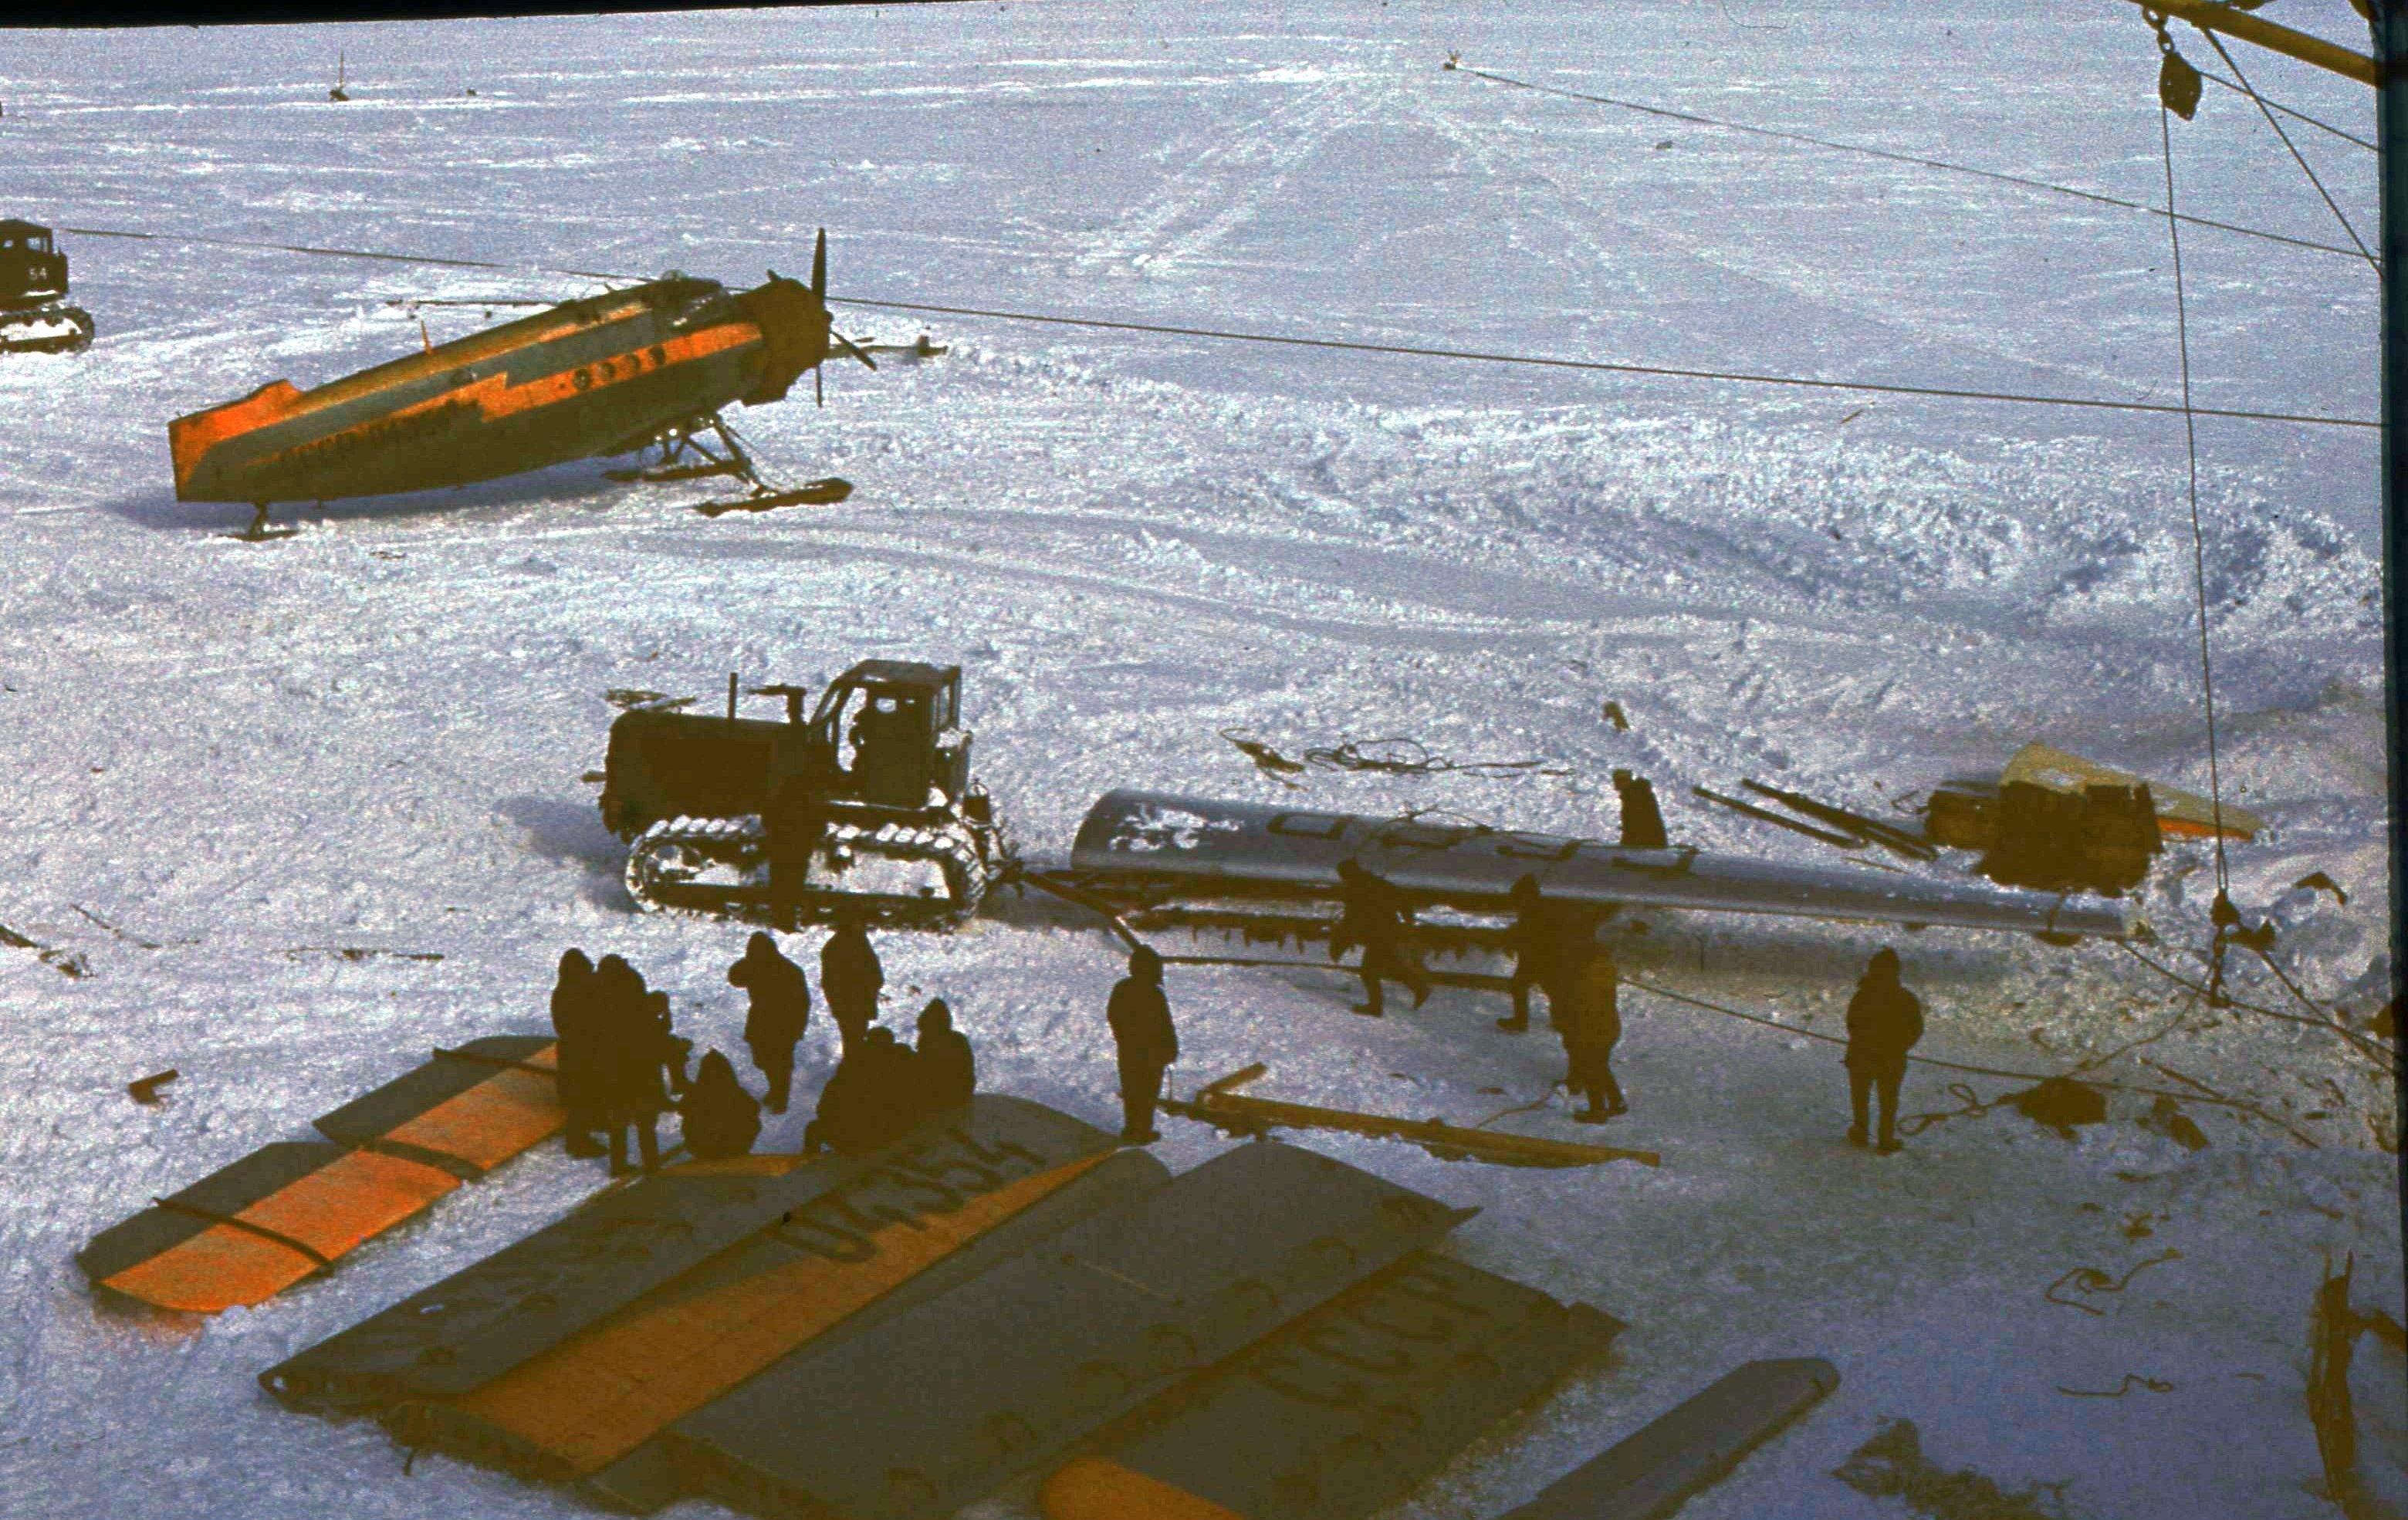 829759 Антарктическая станция _Молодёжная_.jpg